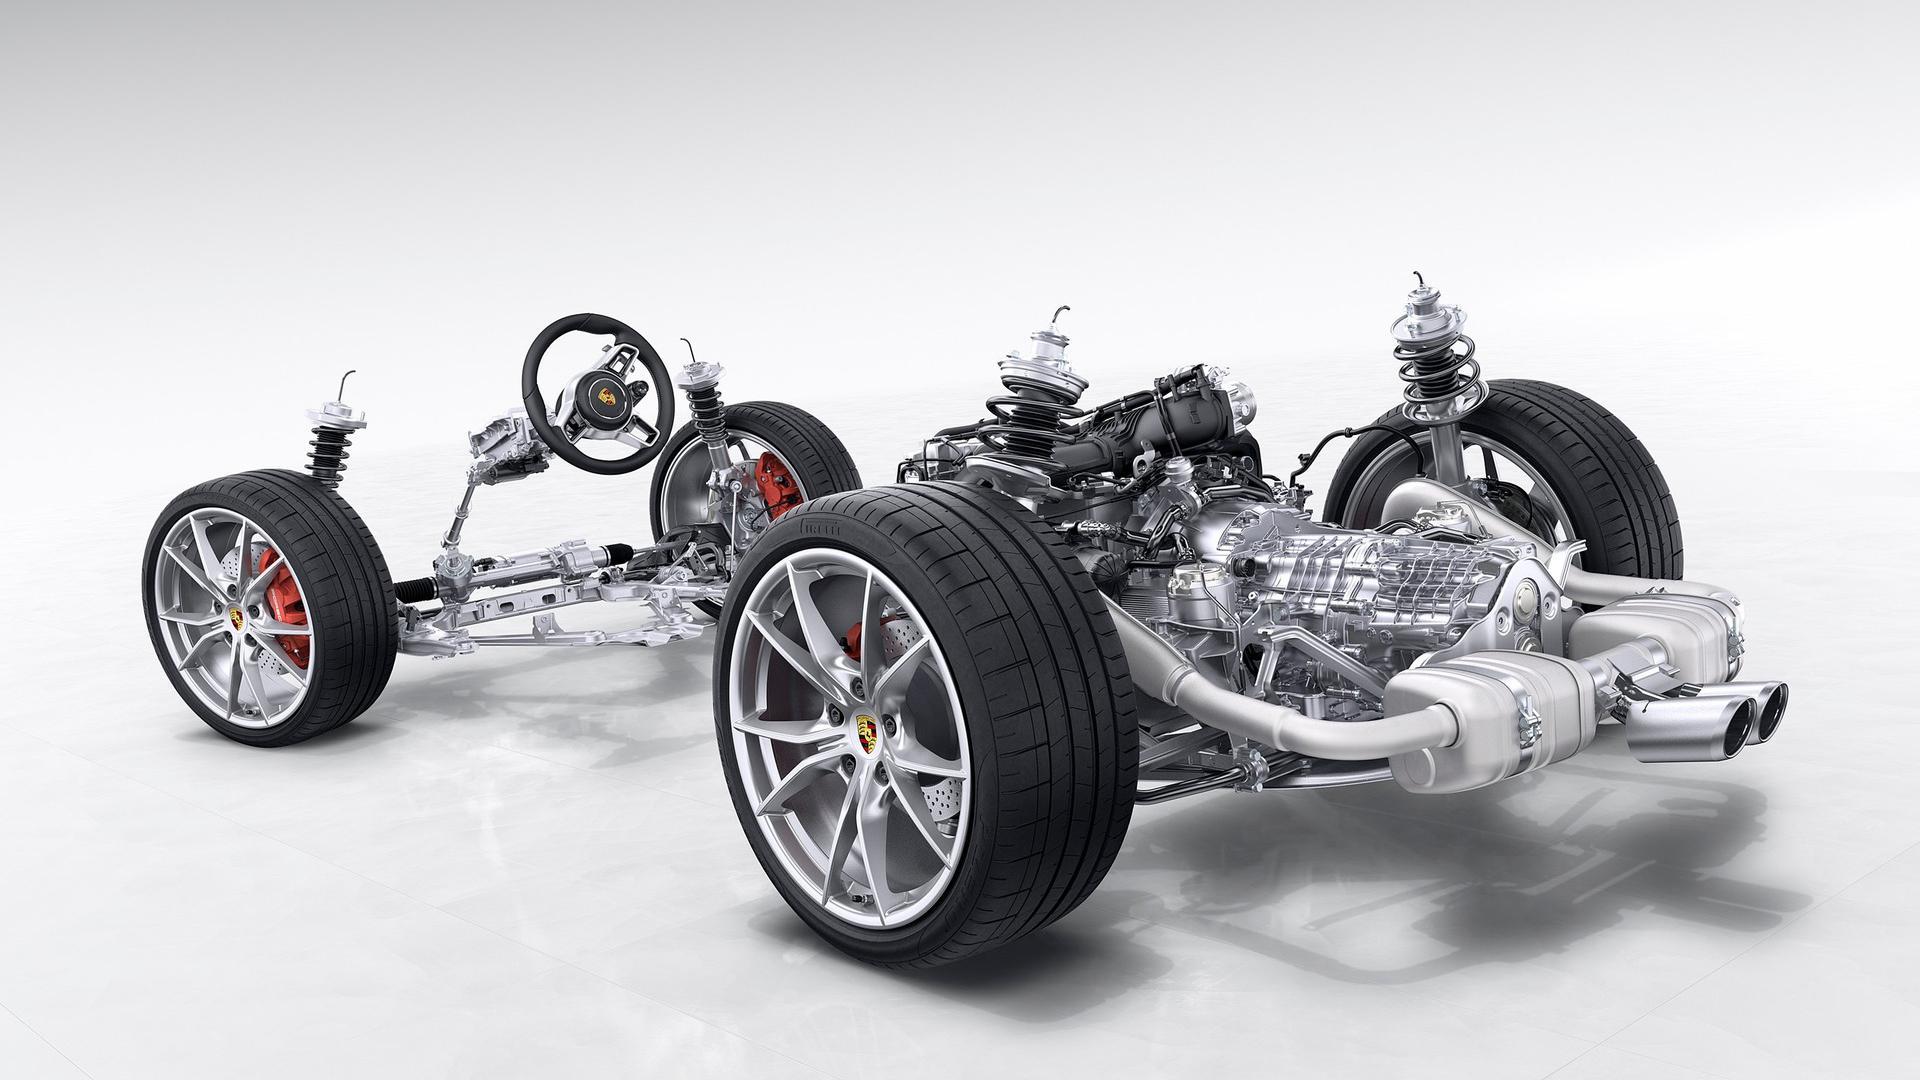 2019年国际发动机大奖出炉!特斯拉竟然被爆冷?